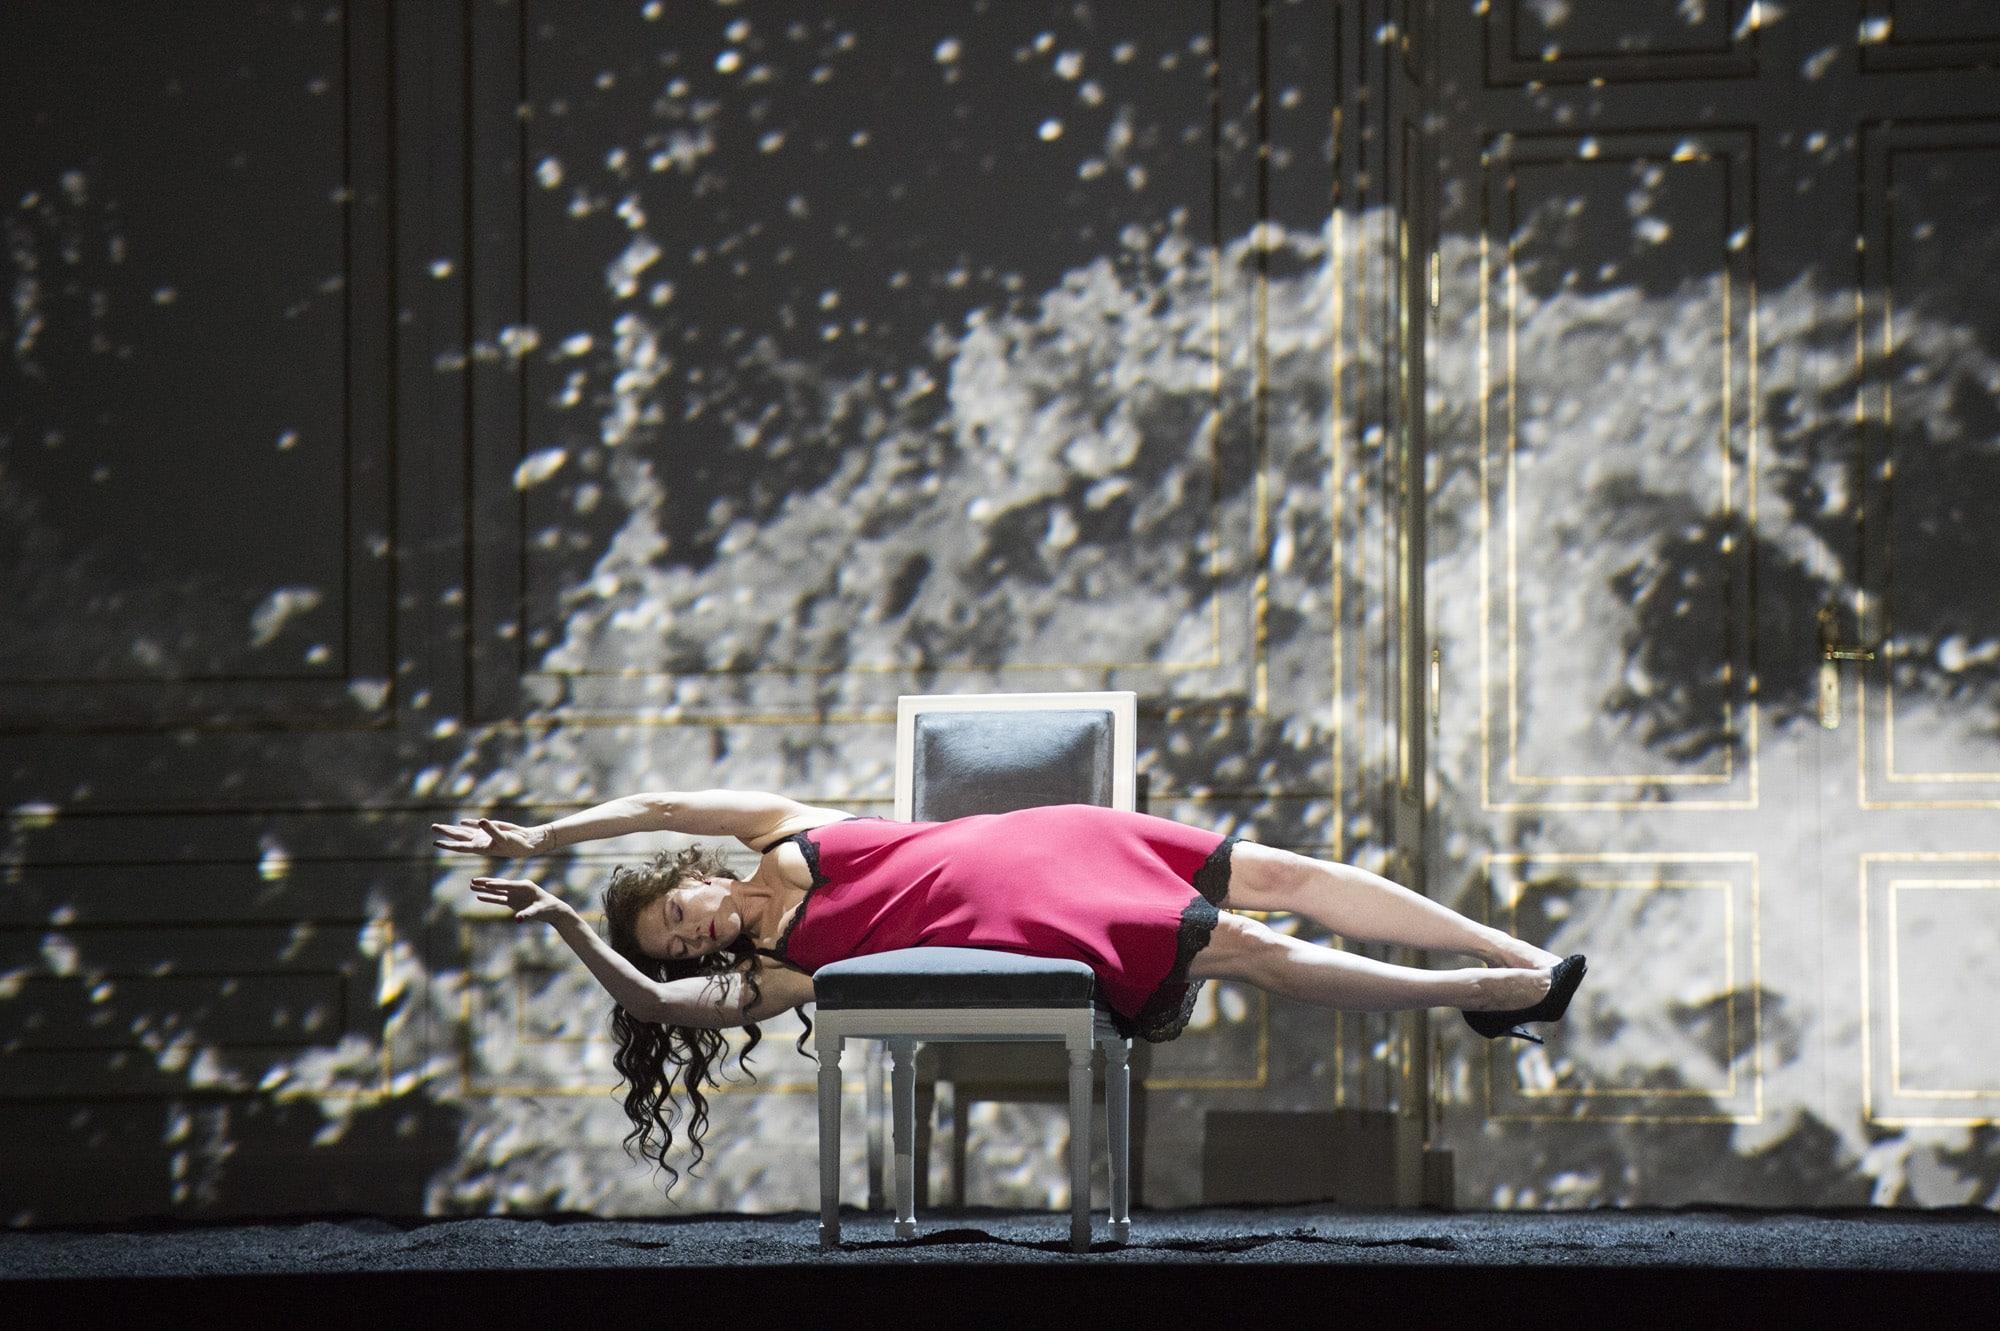 Monika_Rittershaus___Opera_national_de_Paris-Berenice-18.19-c-Monika-Rittershaus-OnP-16-